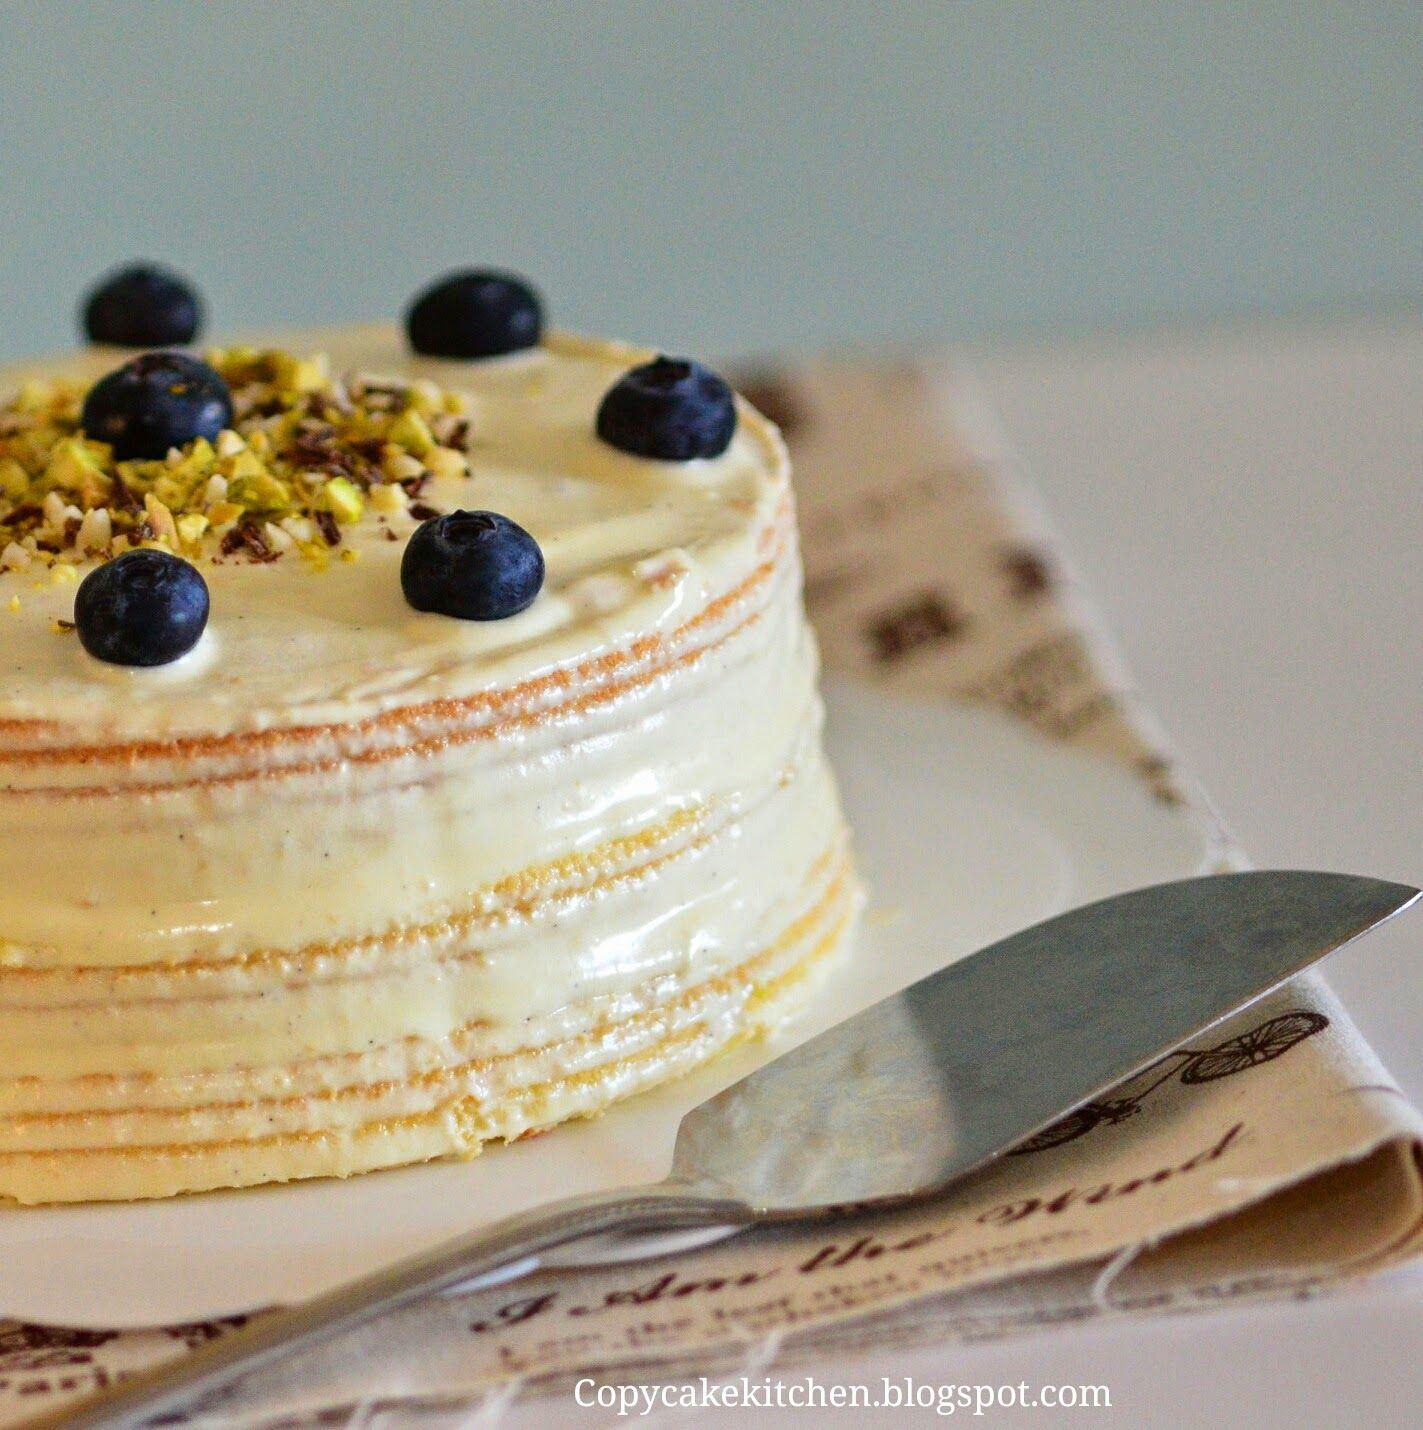 这是几天前为自己做的生日蛋糕。 虽然没有华丽的外表装饰,但却有一种单纯的好味道! I baked myself a